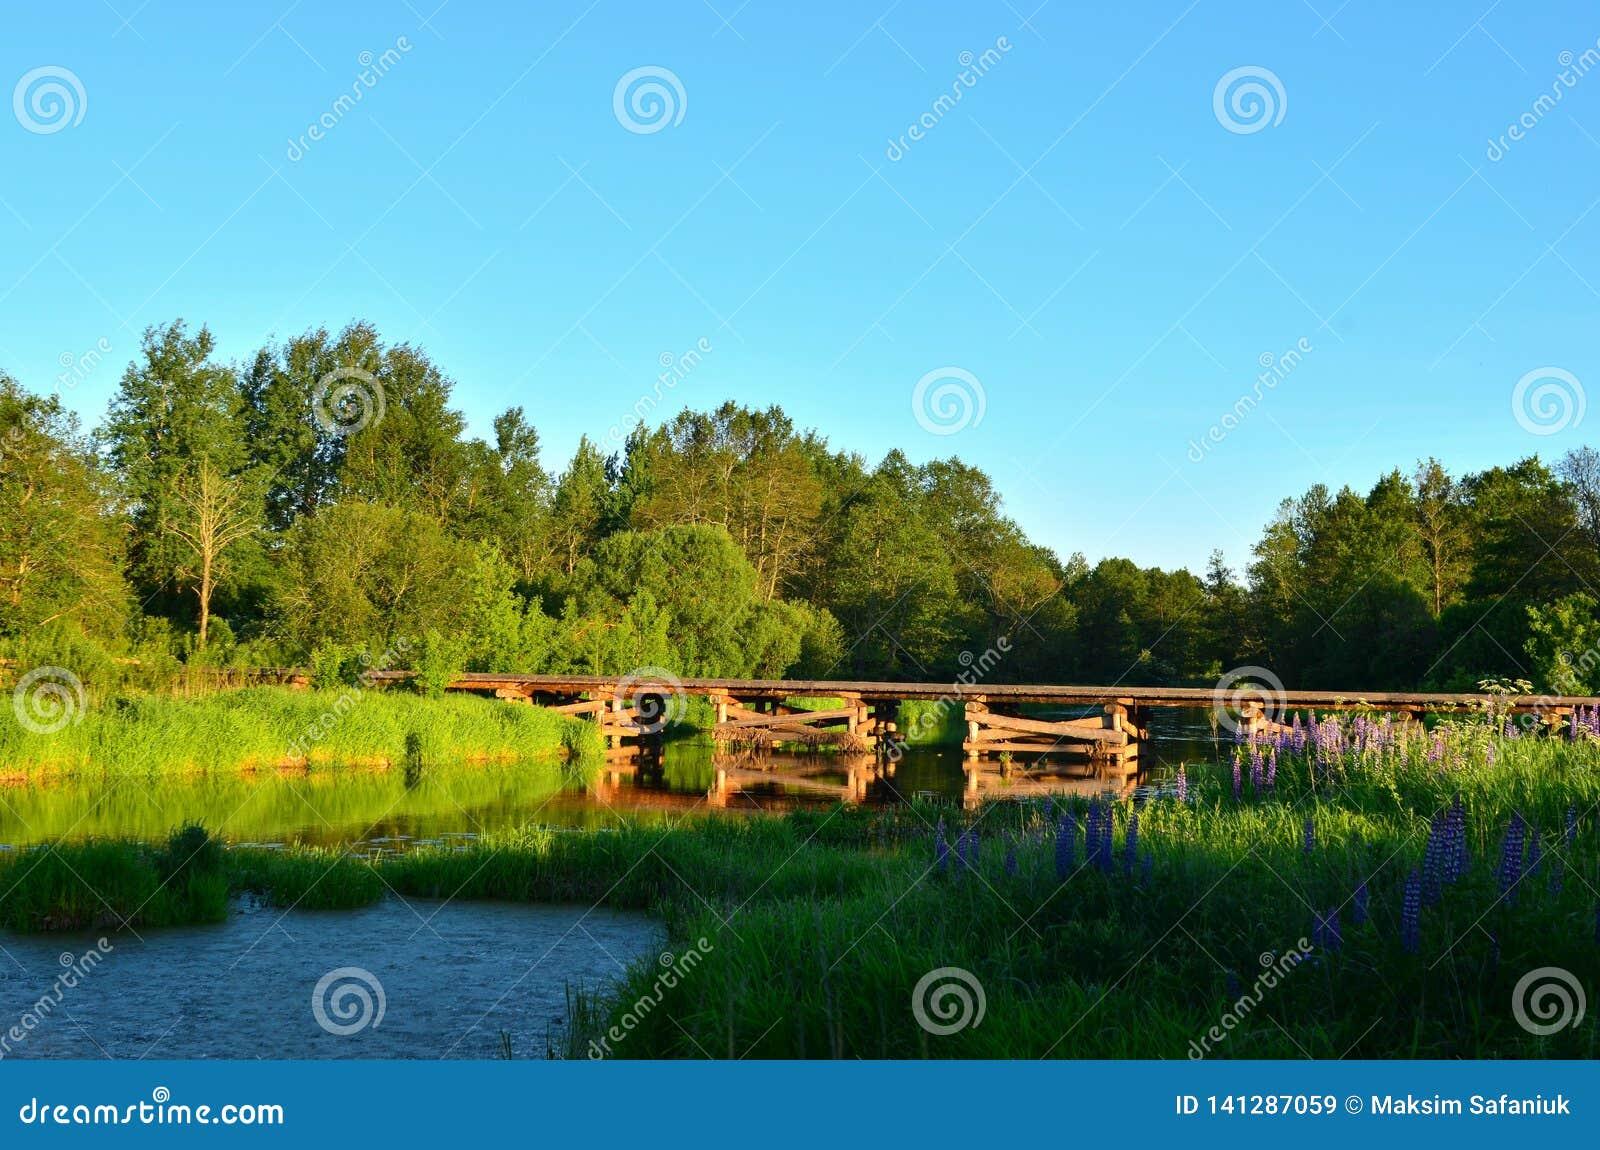 En träbro av trädjournaler ligger över en liten flod inom ett skogsbevuxet område bland den gröna naturen